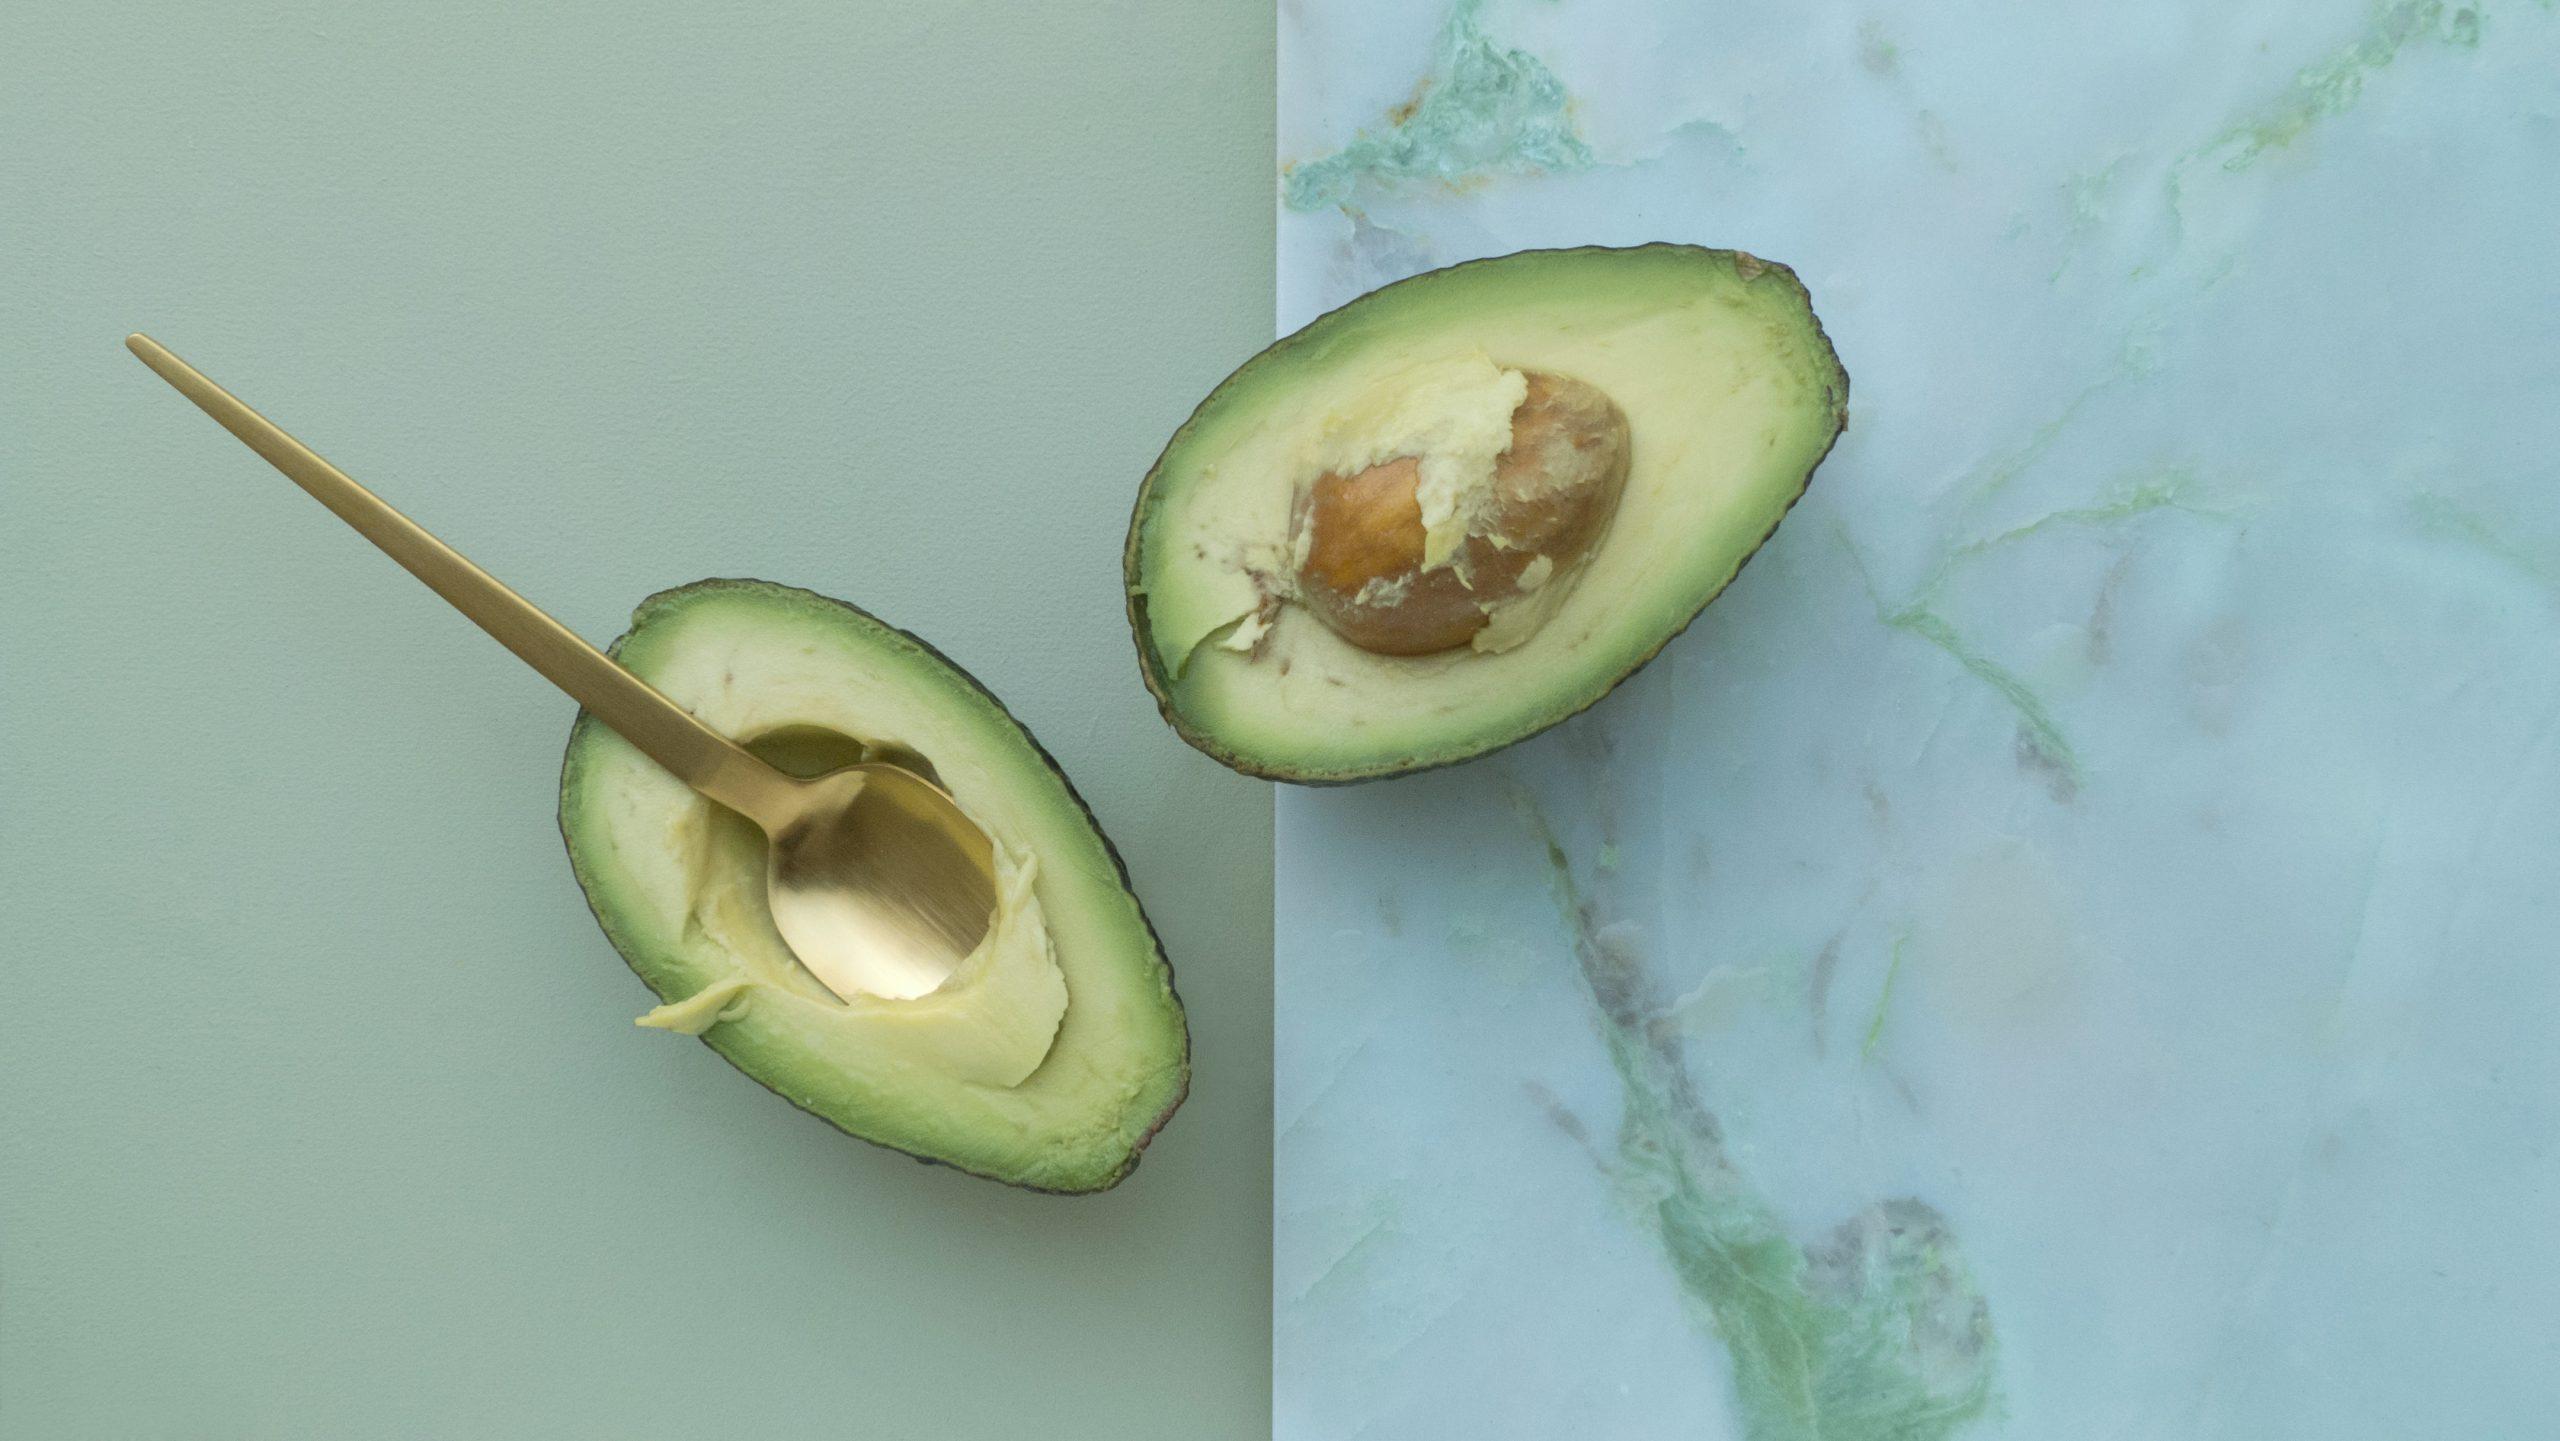 yüksek yağ içeren avokado ketojenik beslenmede çokça tercih edilir.